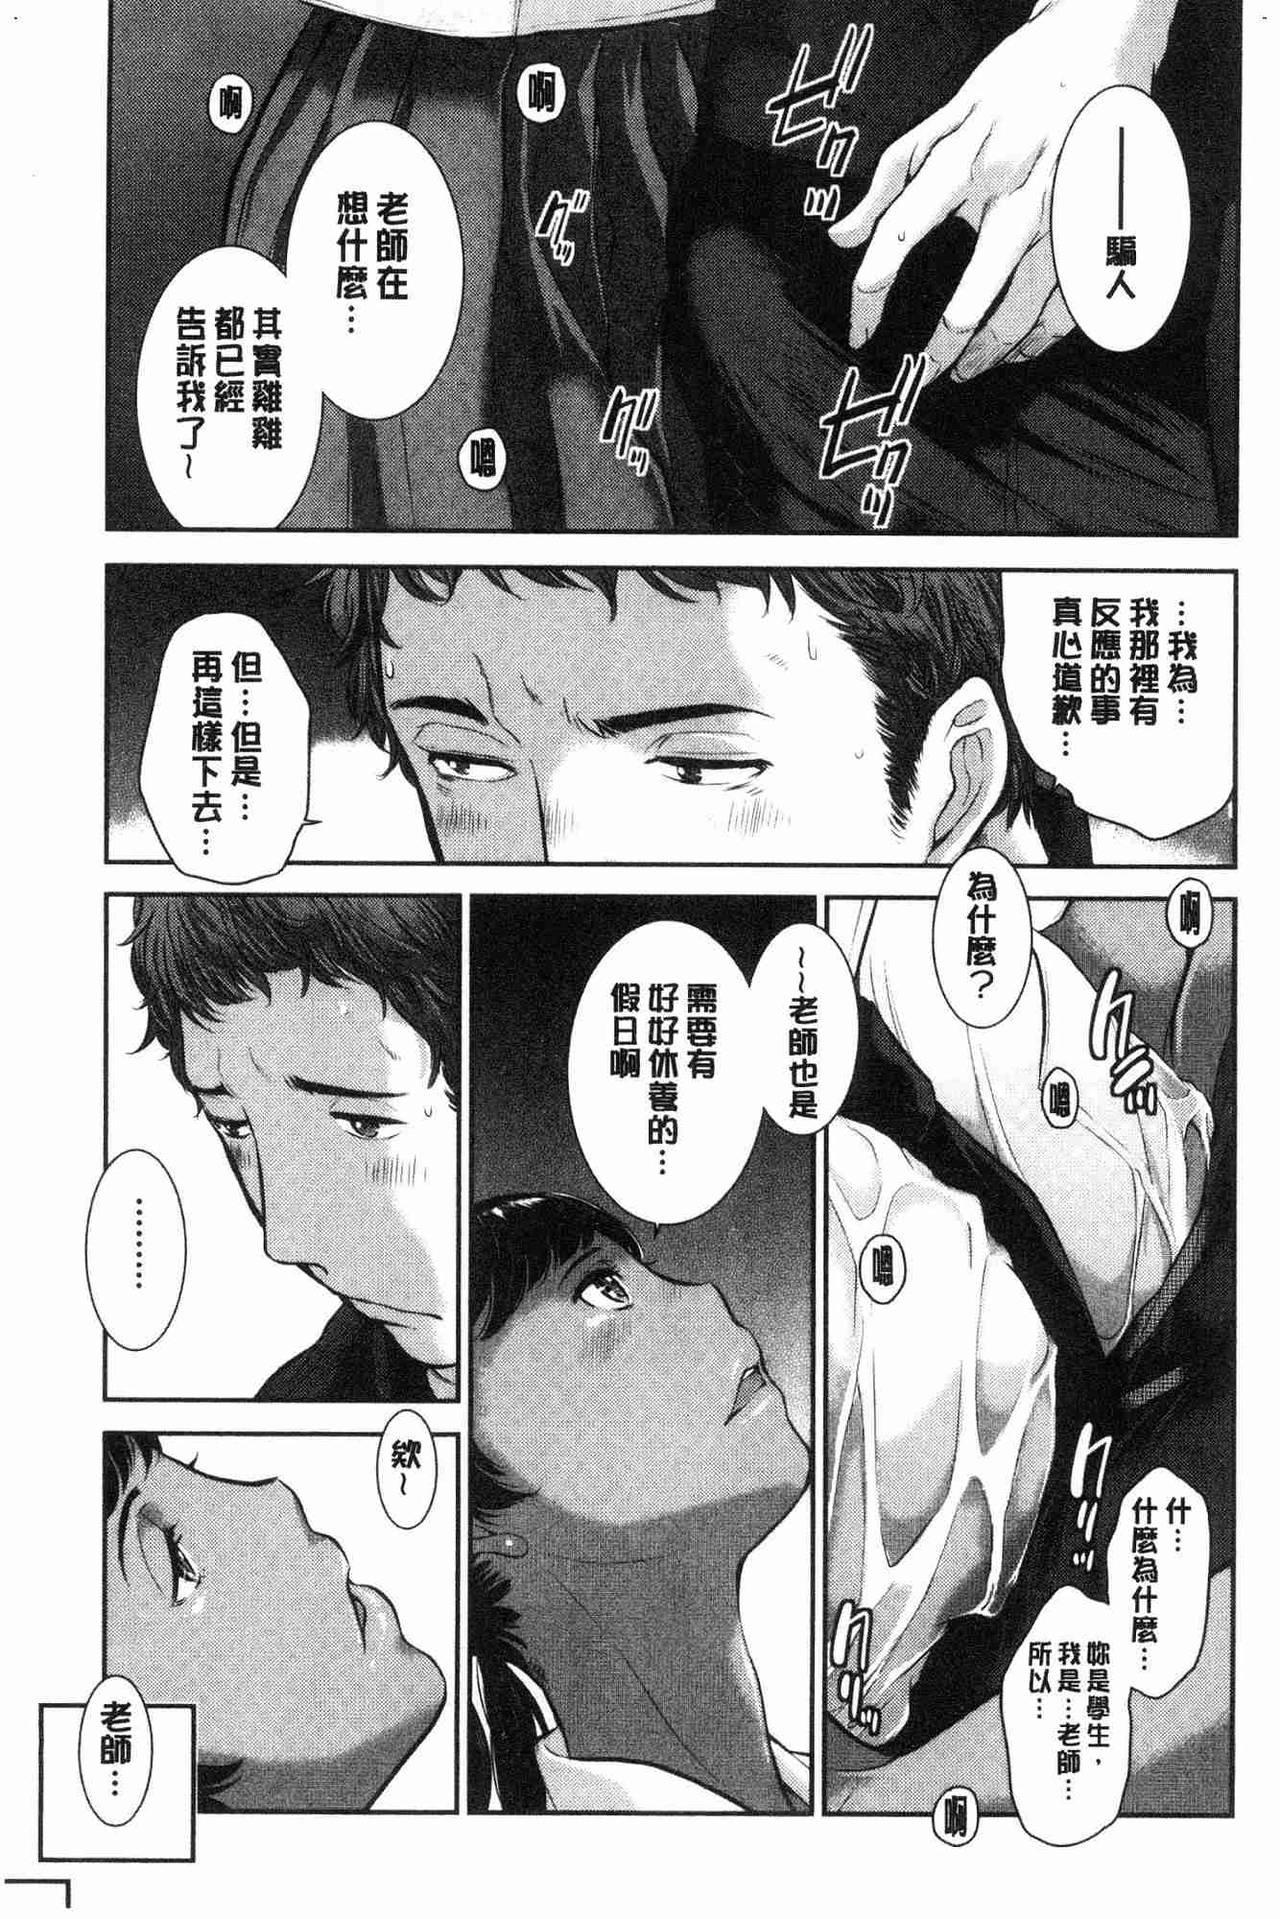 [Harazaki Takuma] Seifuku Shijou Shugi -Natsu- - Uniforms supremacy [Chinese] 119